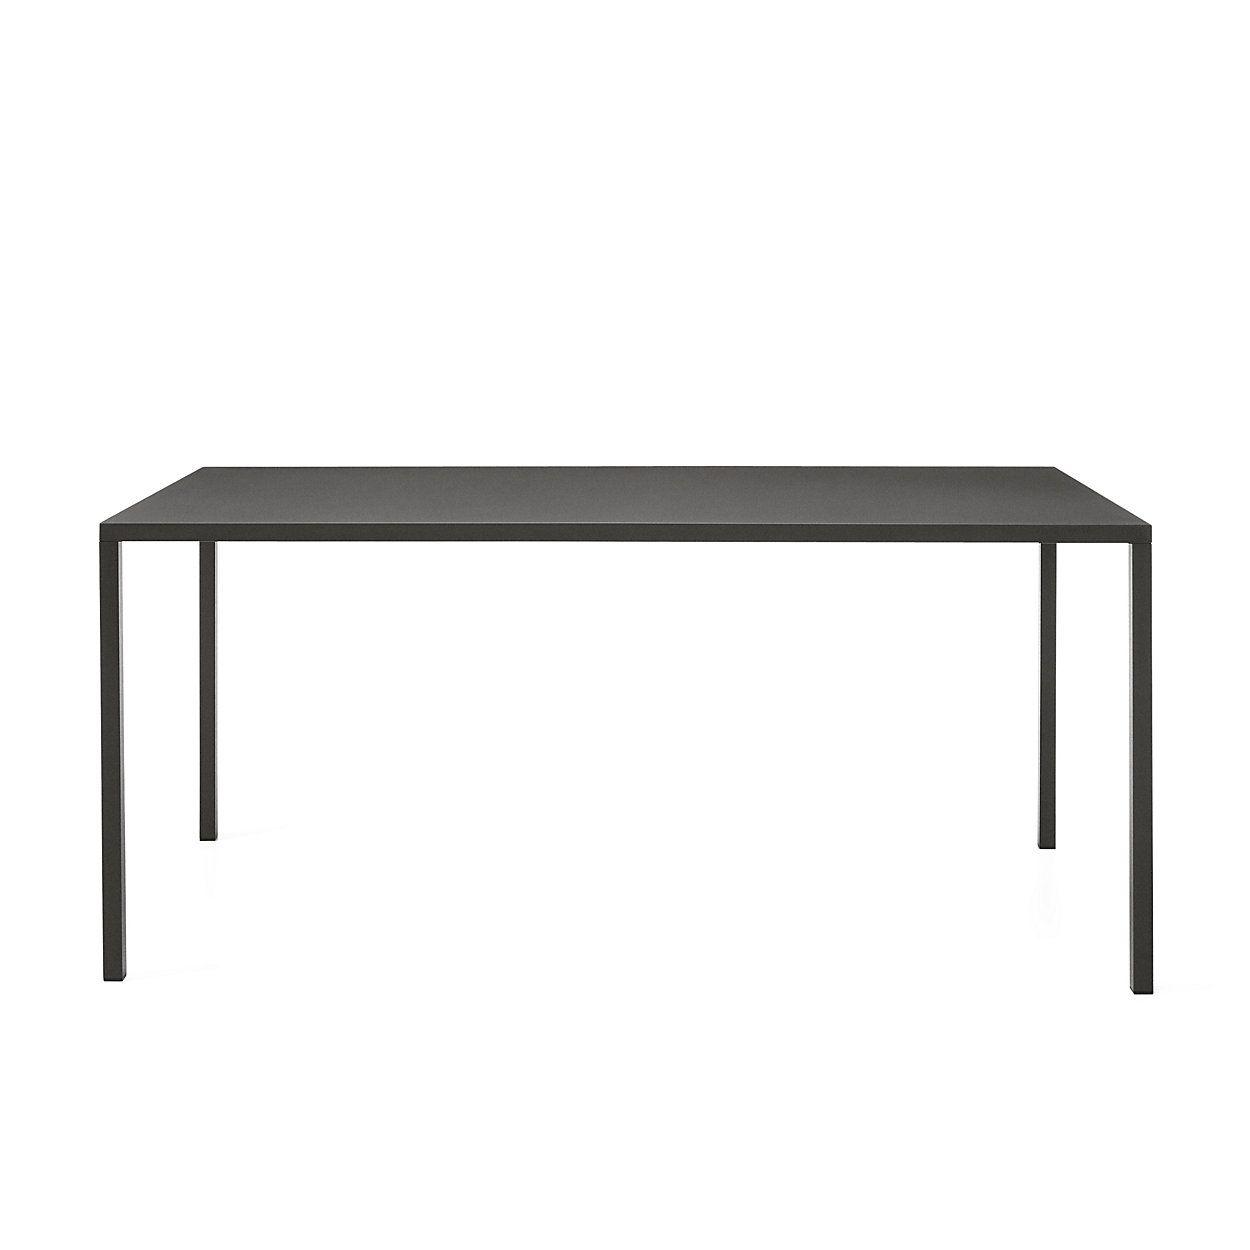 Tisch Fabbrico Rechteckig Gross Anthrazit Klapptisch Tisch